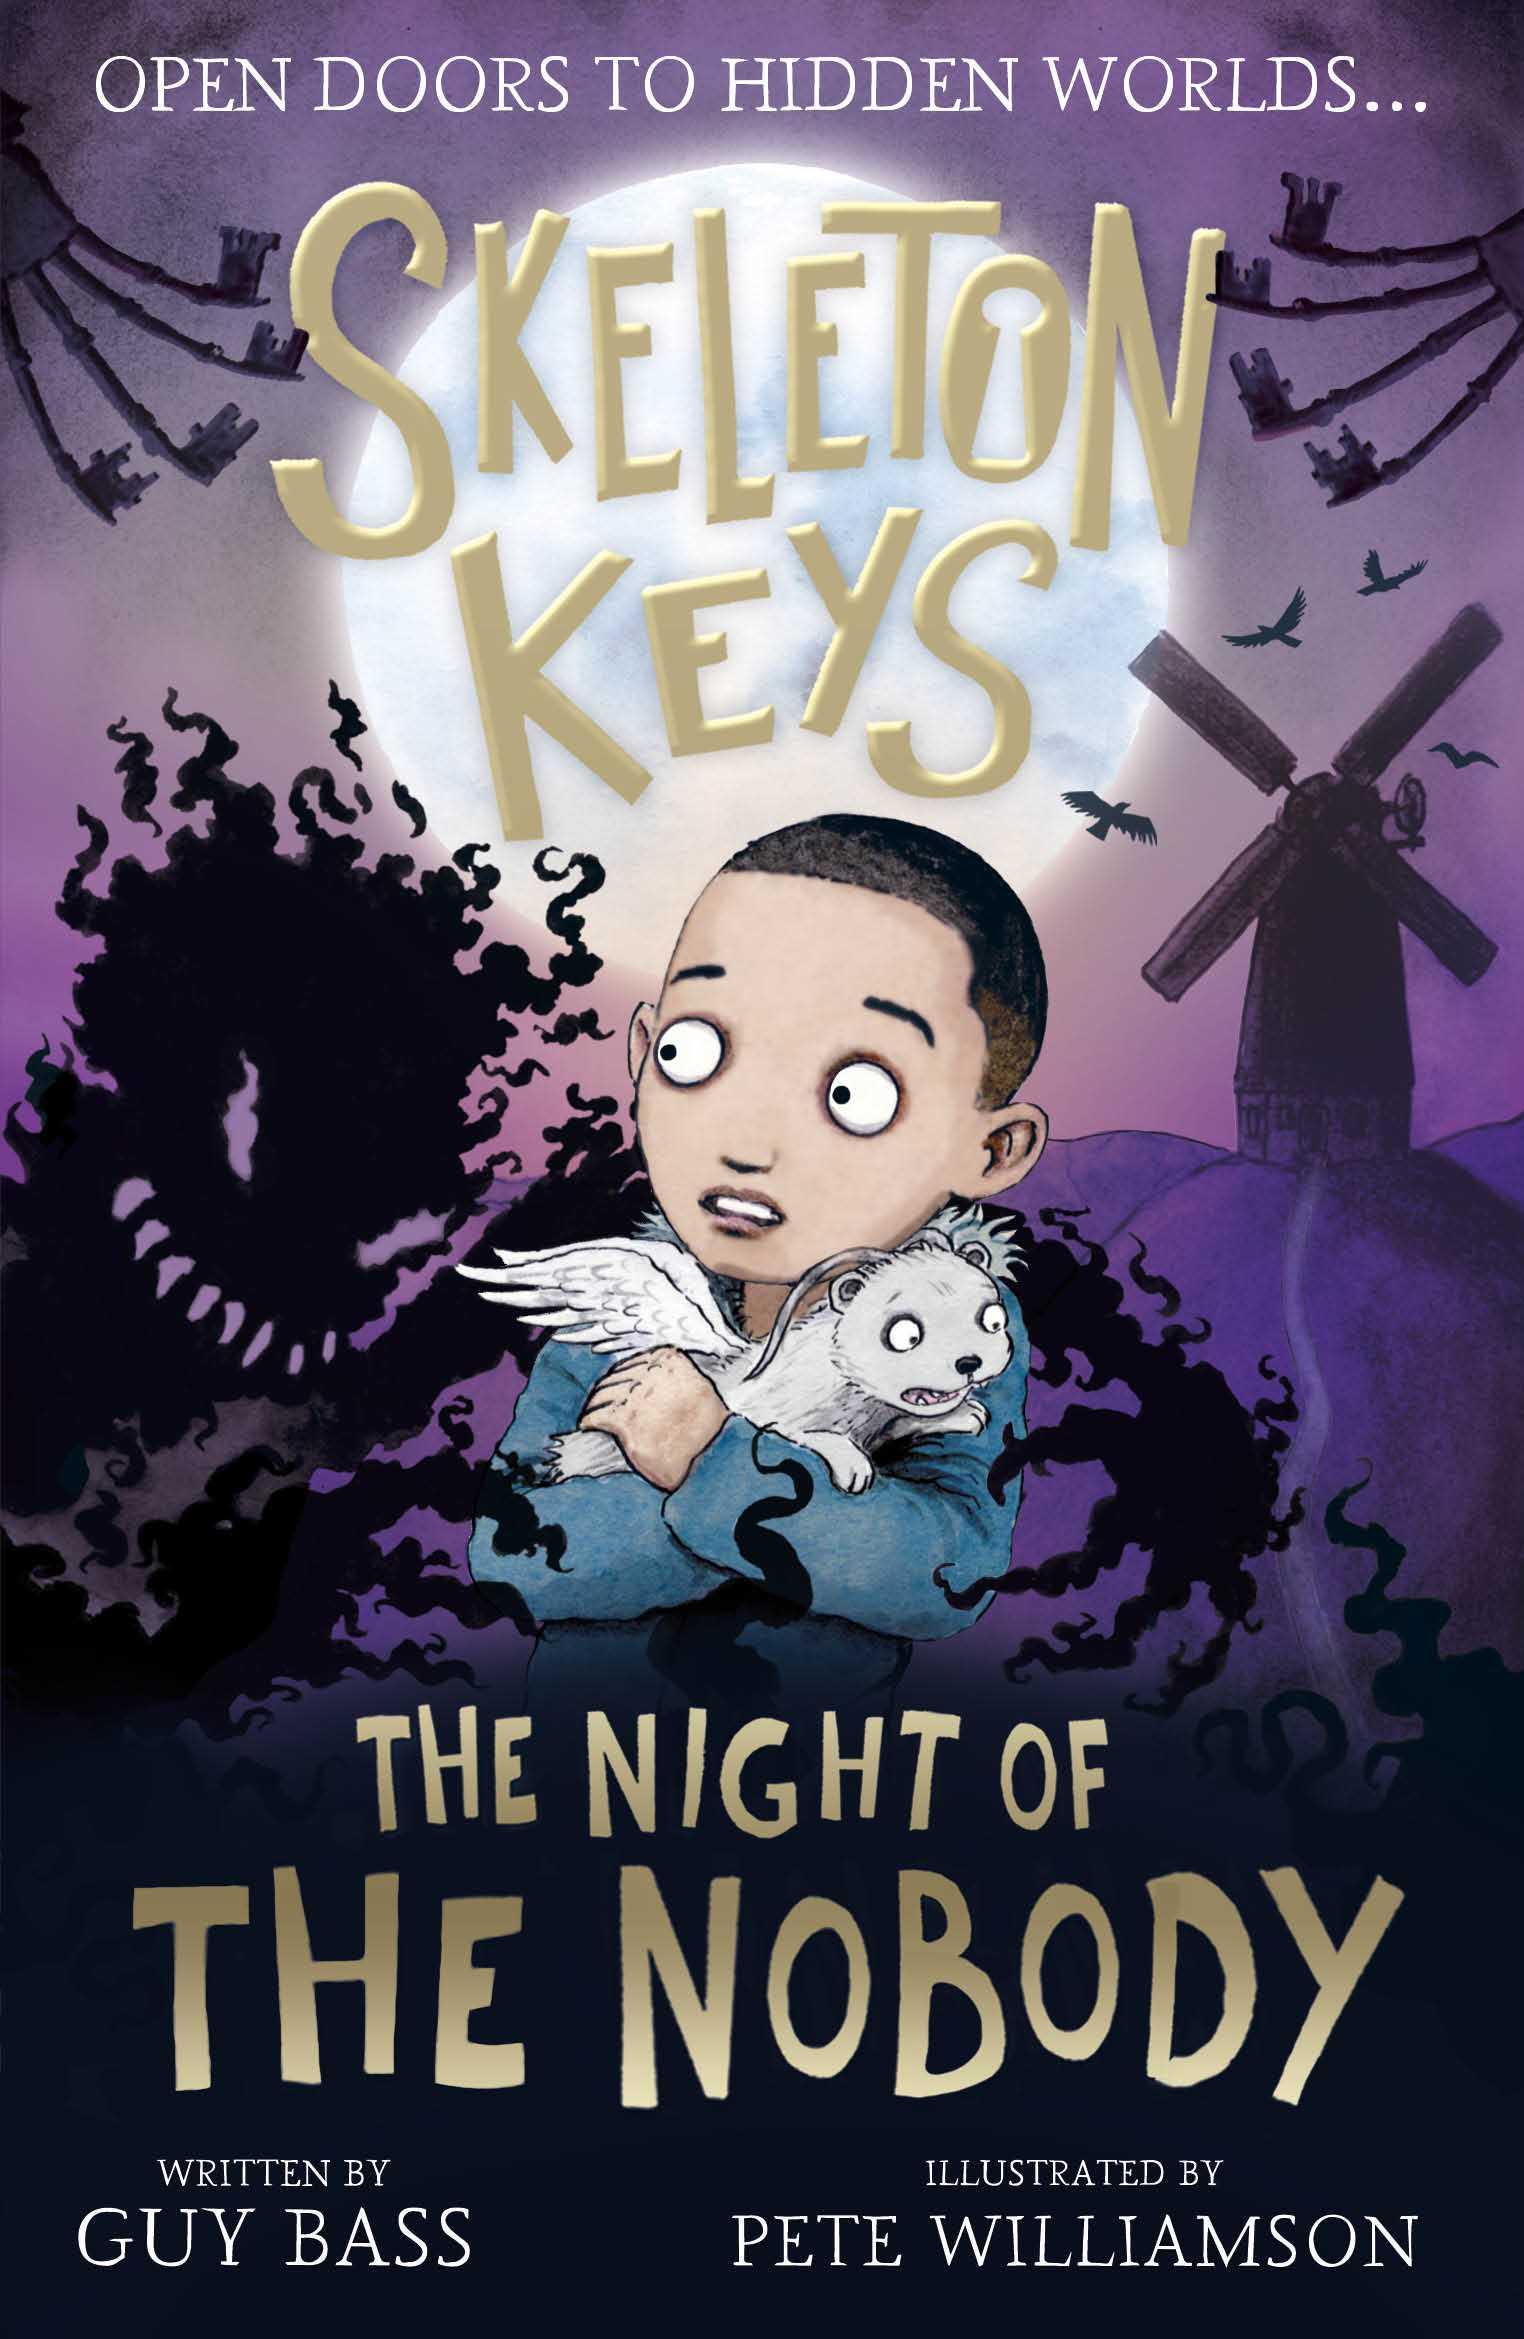 Skeleton Keys: The Night of the Nobody